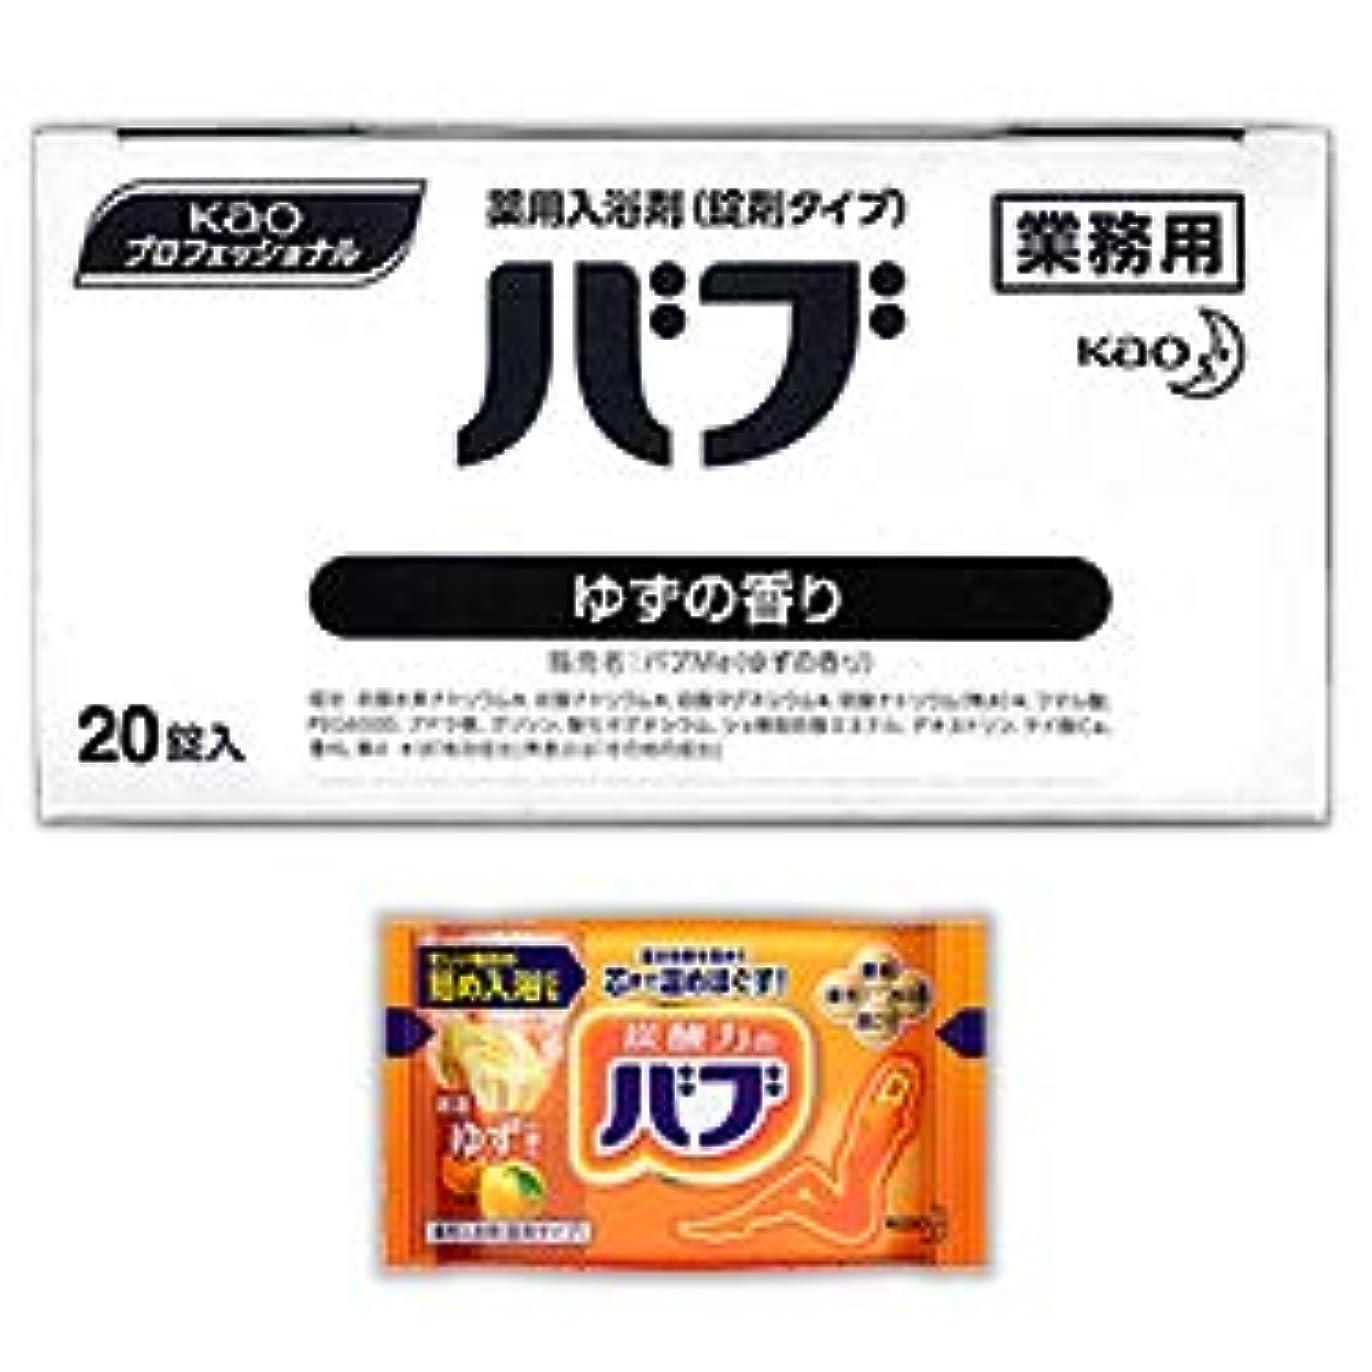 音楽重々しいジム【花王】Kaoプロフェッショナル バブ ゆずの香り(業務用) 40g×20錠入 ×3個セット